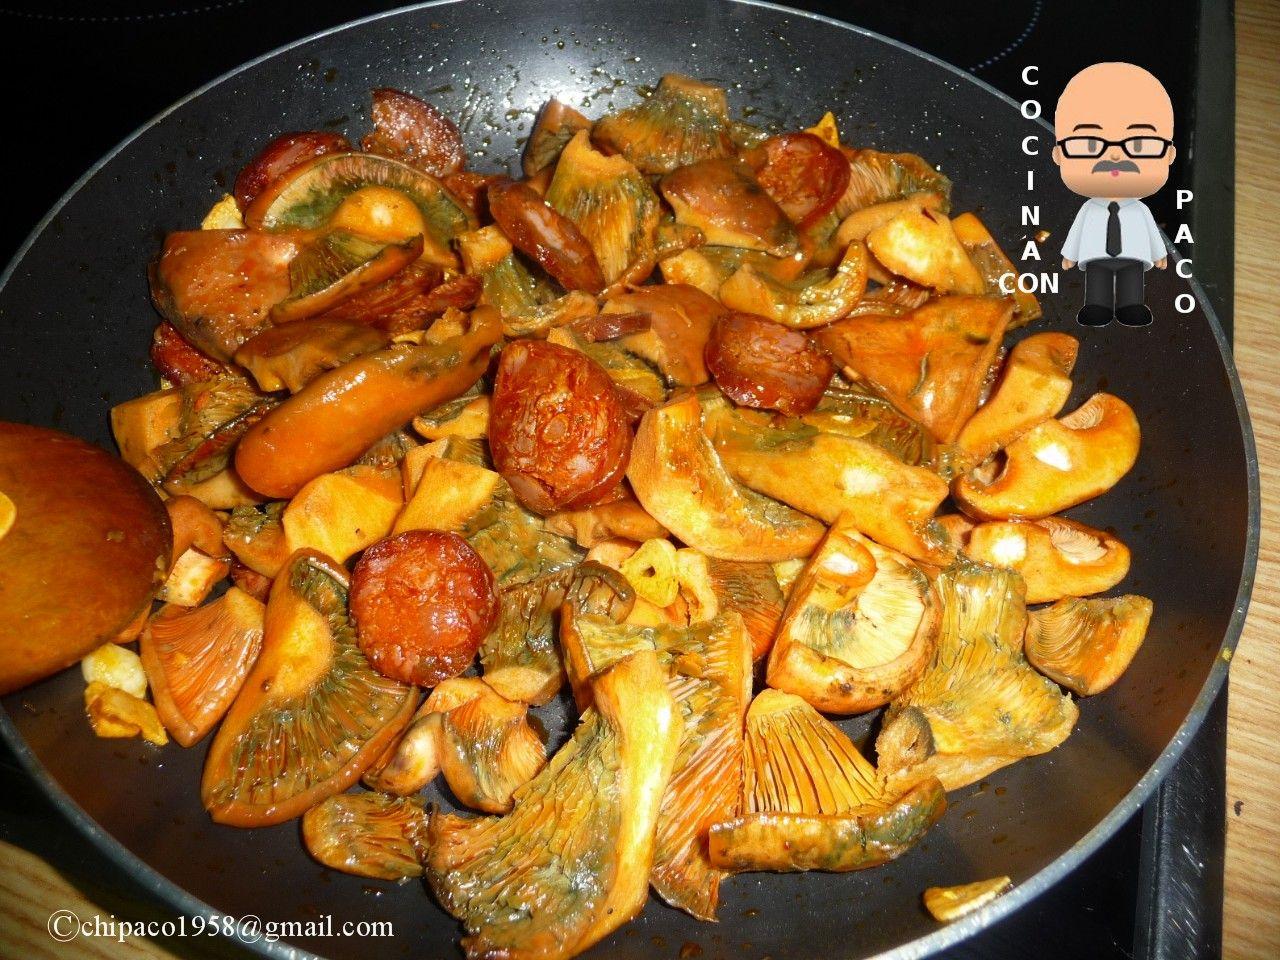 Cocinar Niscalos Recetas | Cocina Con Paco Niscalos Con Chorizo Al Vino Tinto Aperitivos